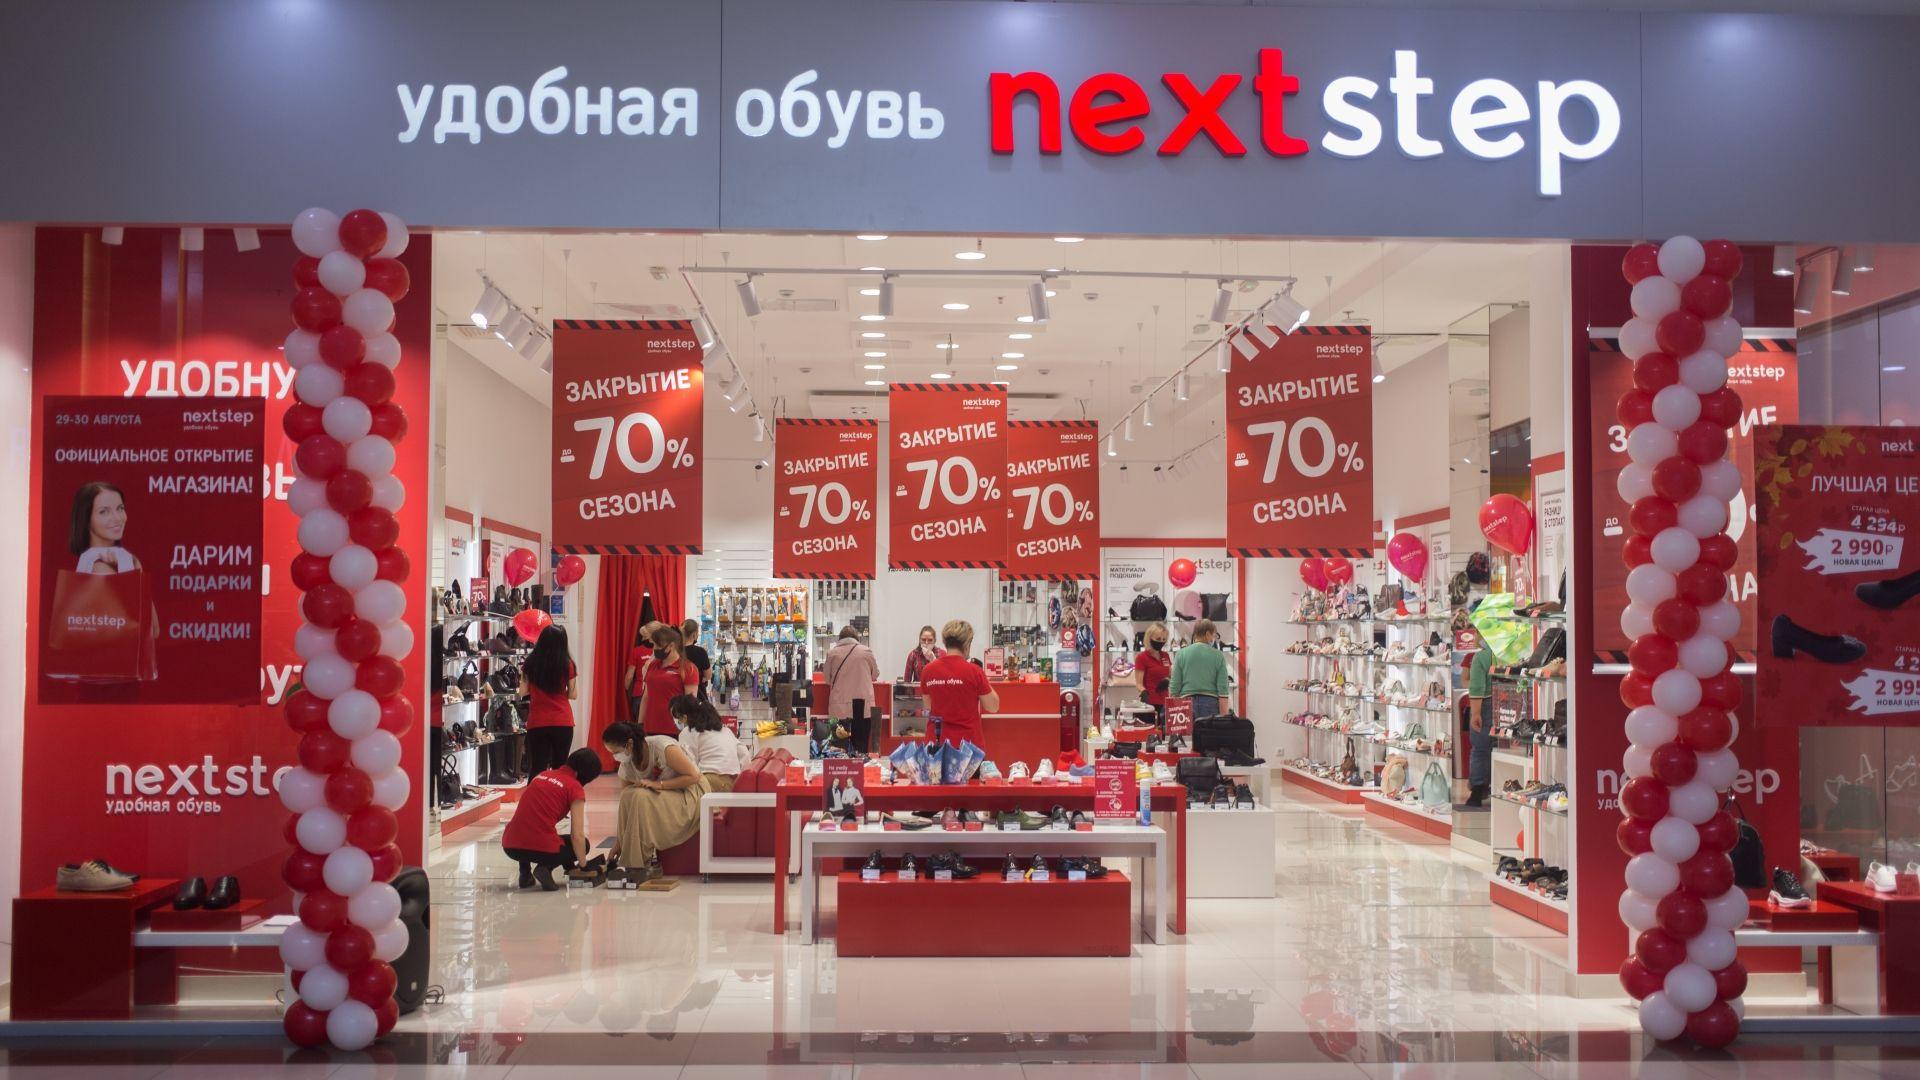 Некст Степ Интернет Магазин